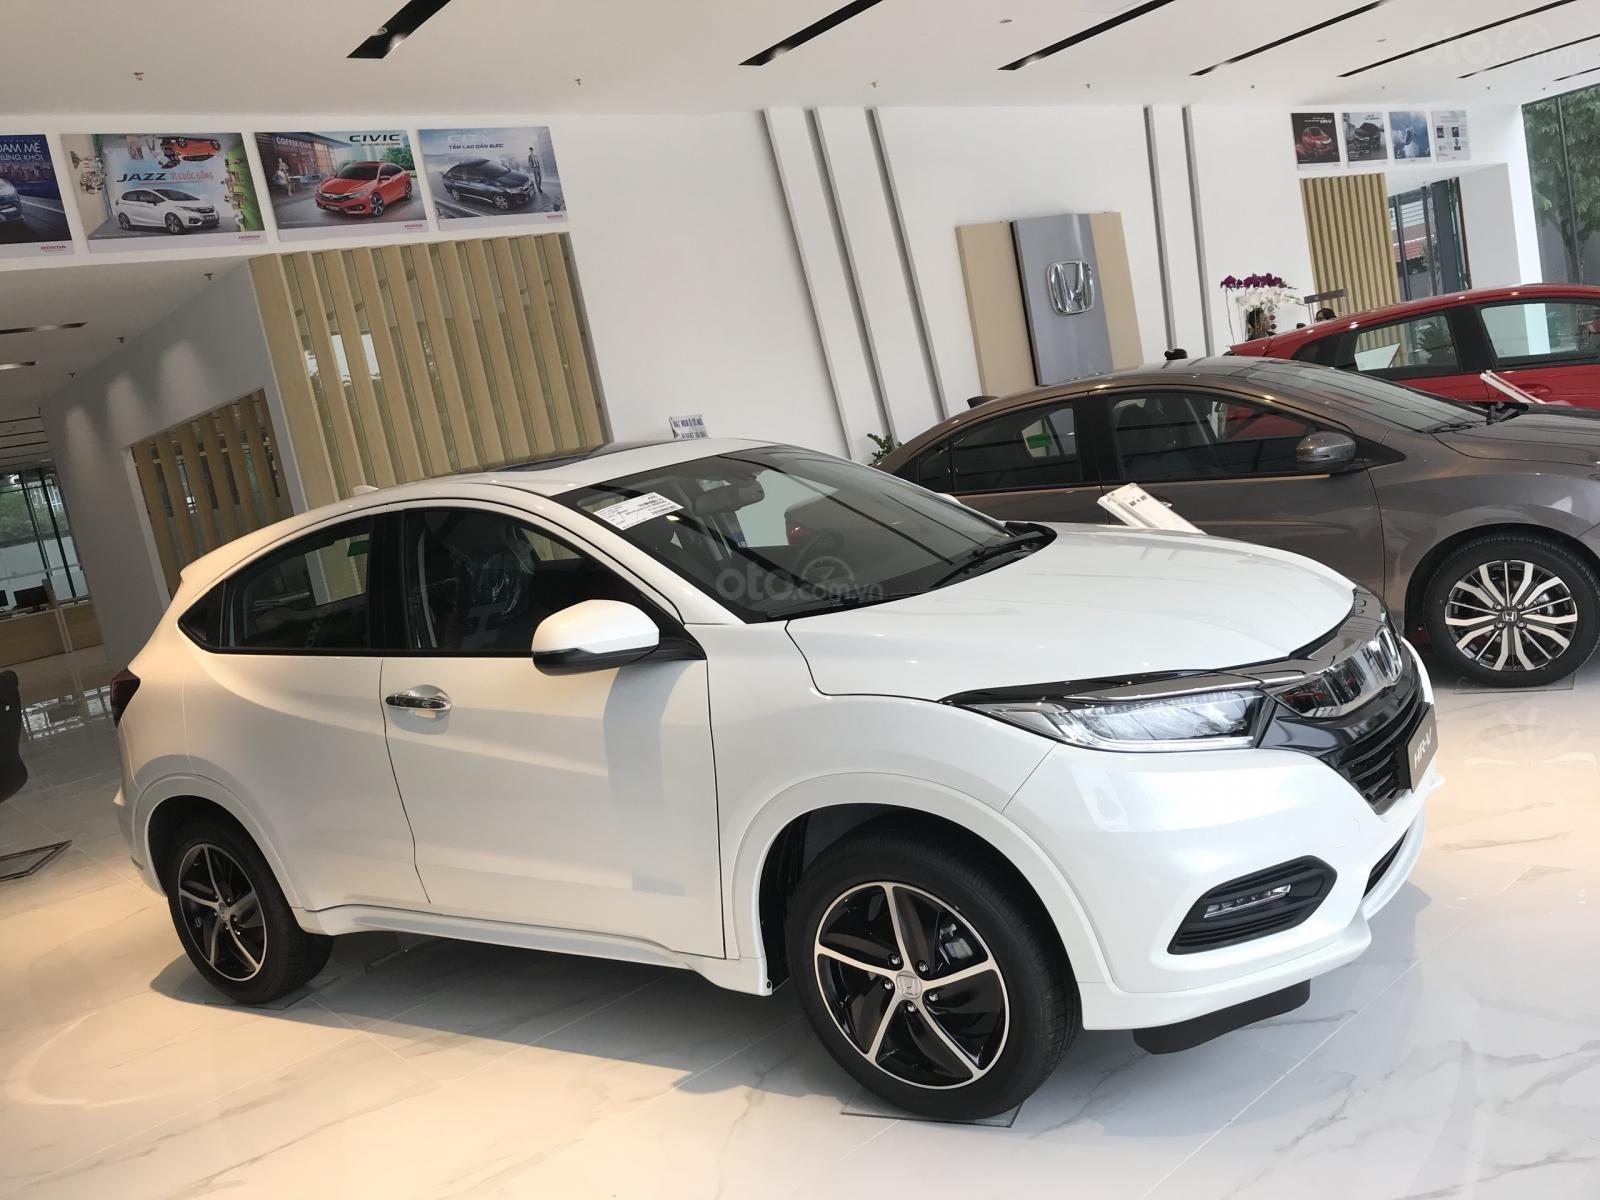 Bán Honda HR-V 2019, đủ màu nhập khẩu giá cạnh tranh chỉ từ 786tr - Thanh toán 225tr lấy xe về nhà, LH 0933.683.056-5